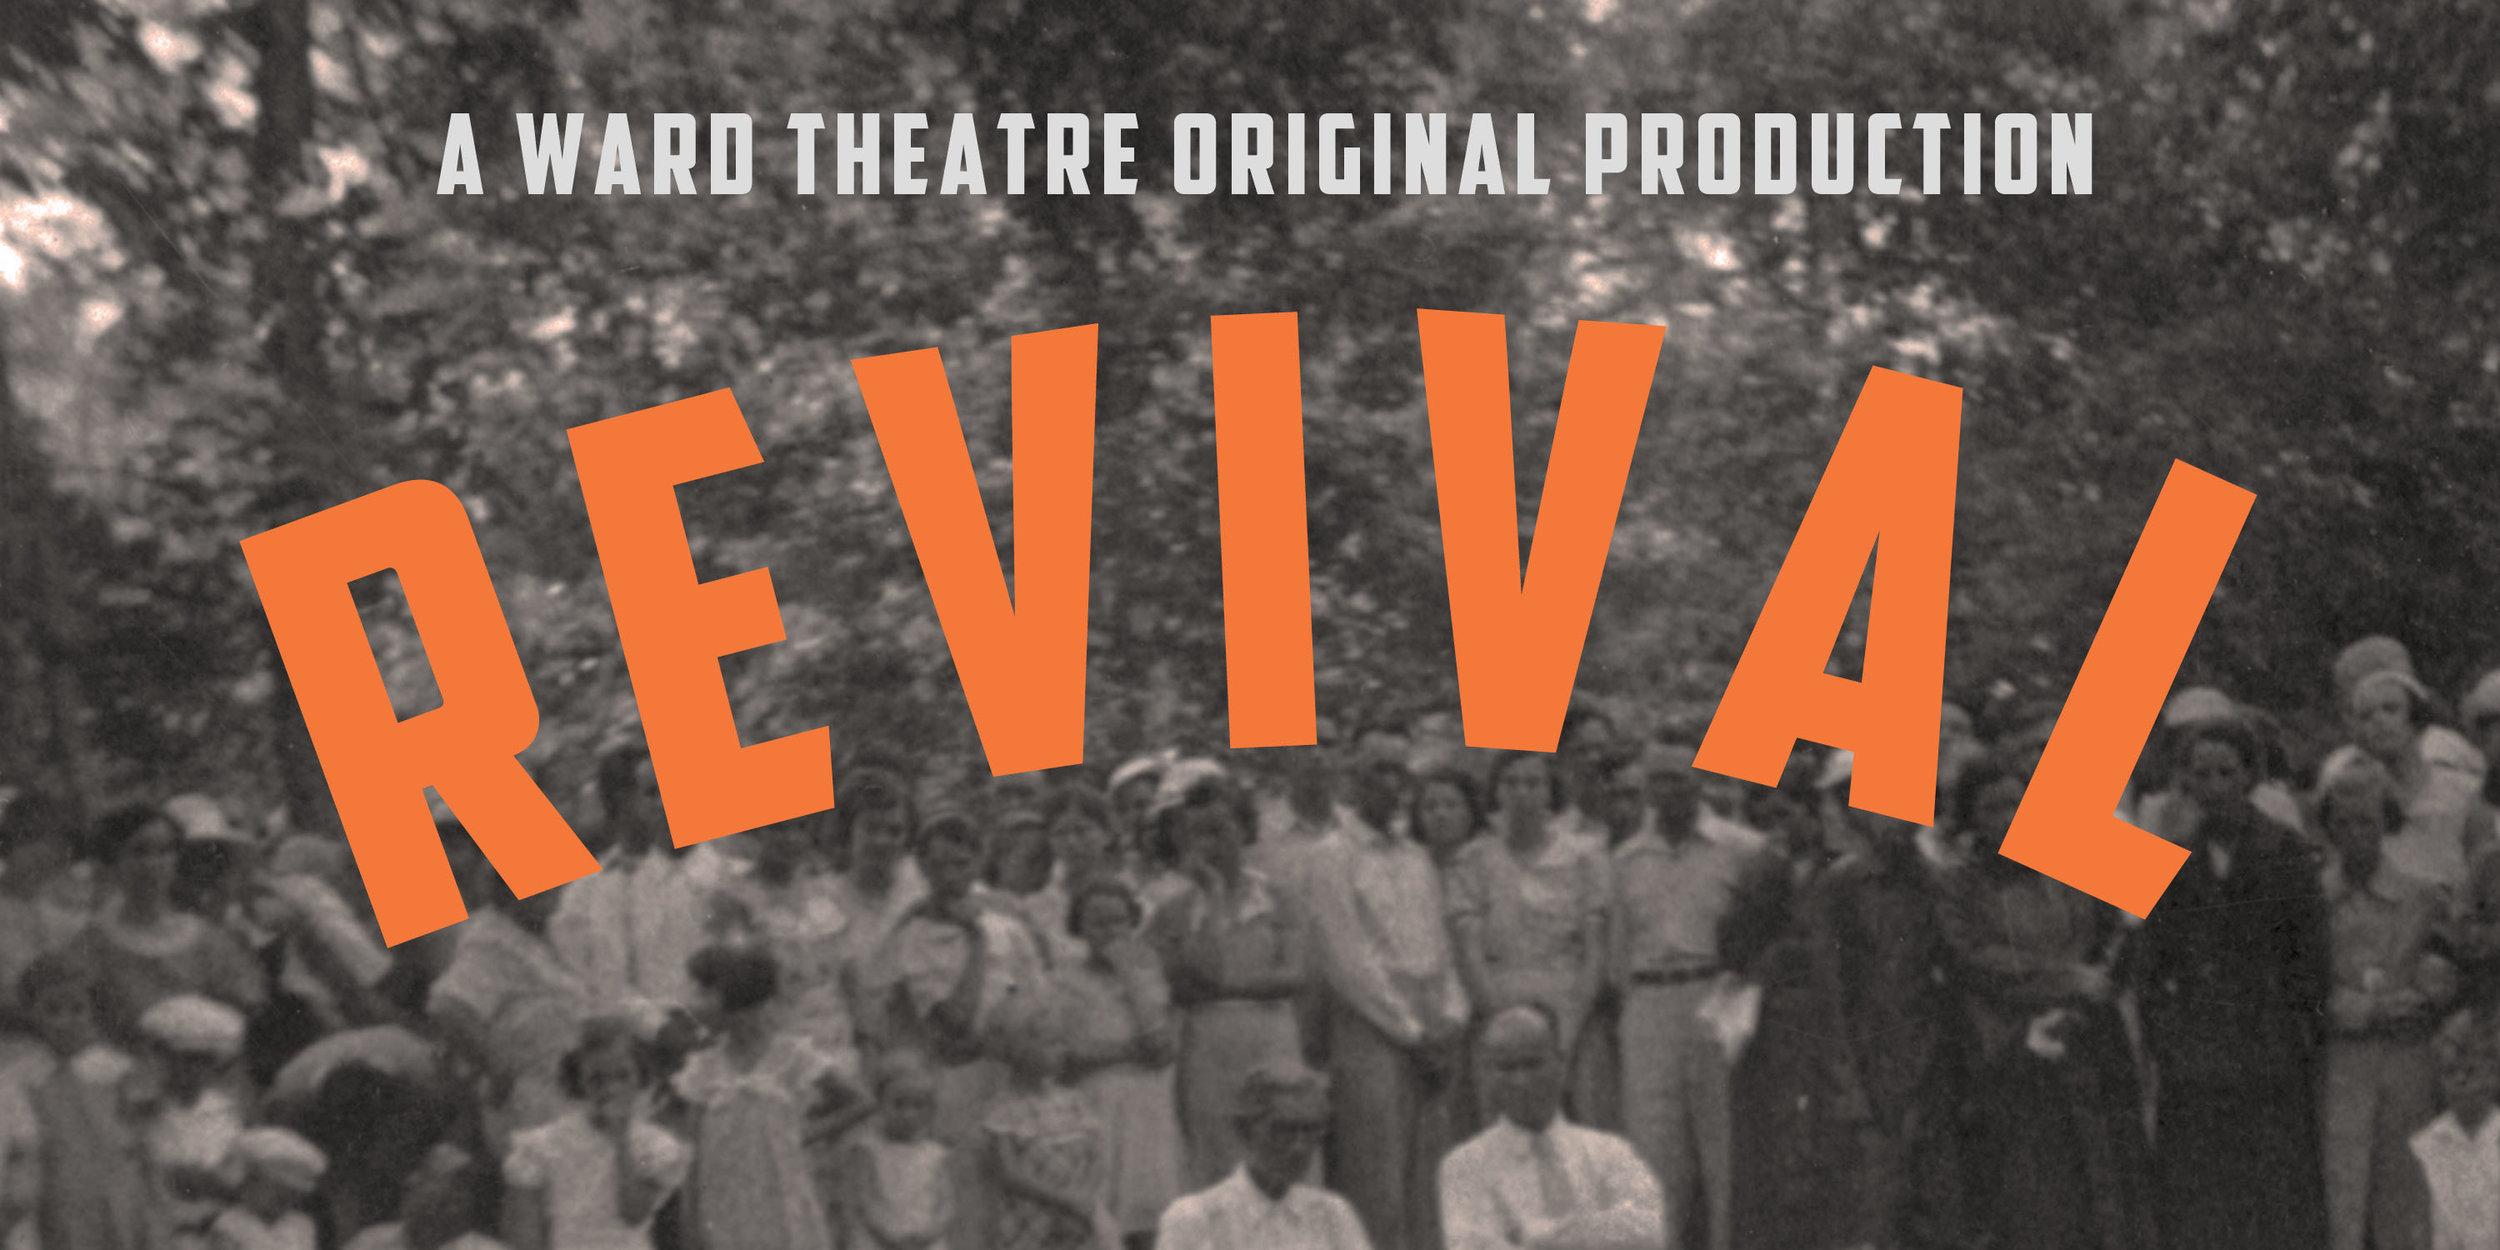 Revival, a Ward Theatre Company original